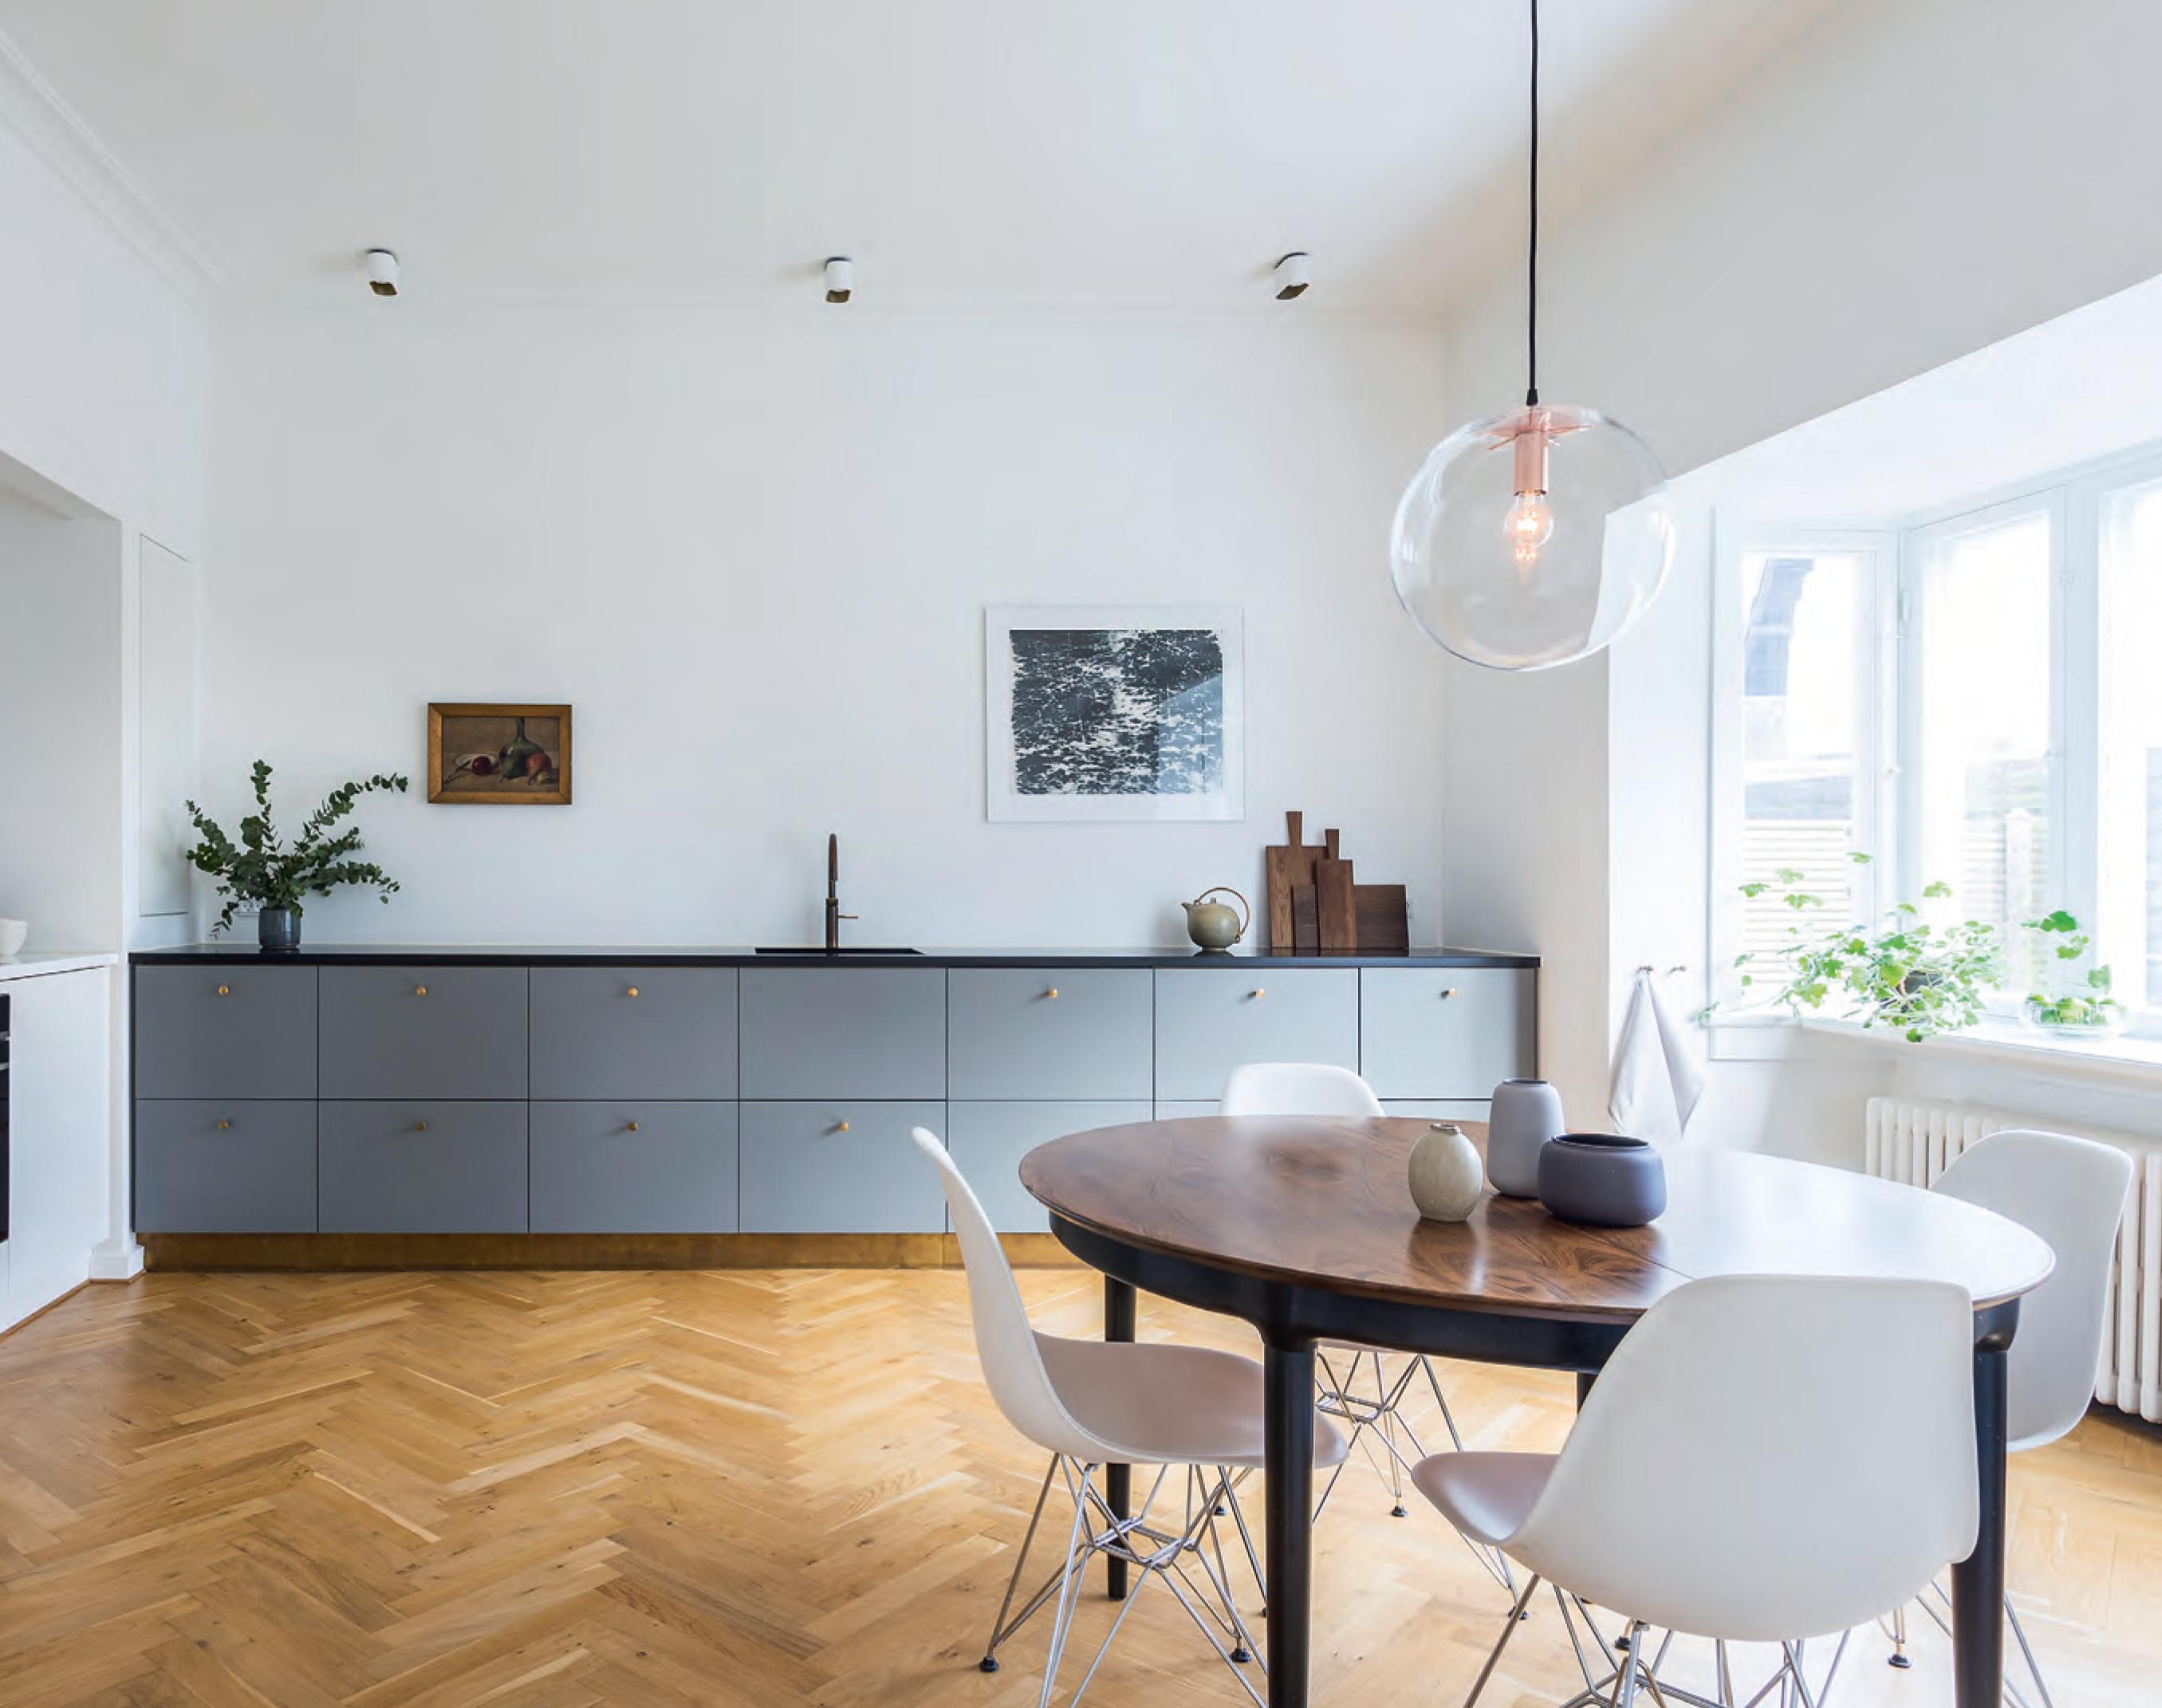 Wonderbaarlijk KEUKEN IN DE WOONKAMER Een klein keukentje in een aparte ruimte NC-66